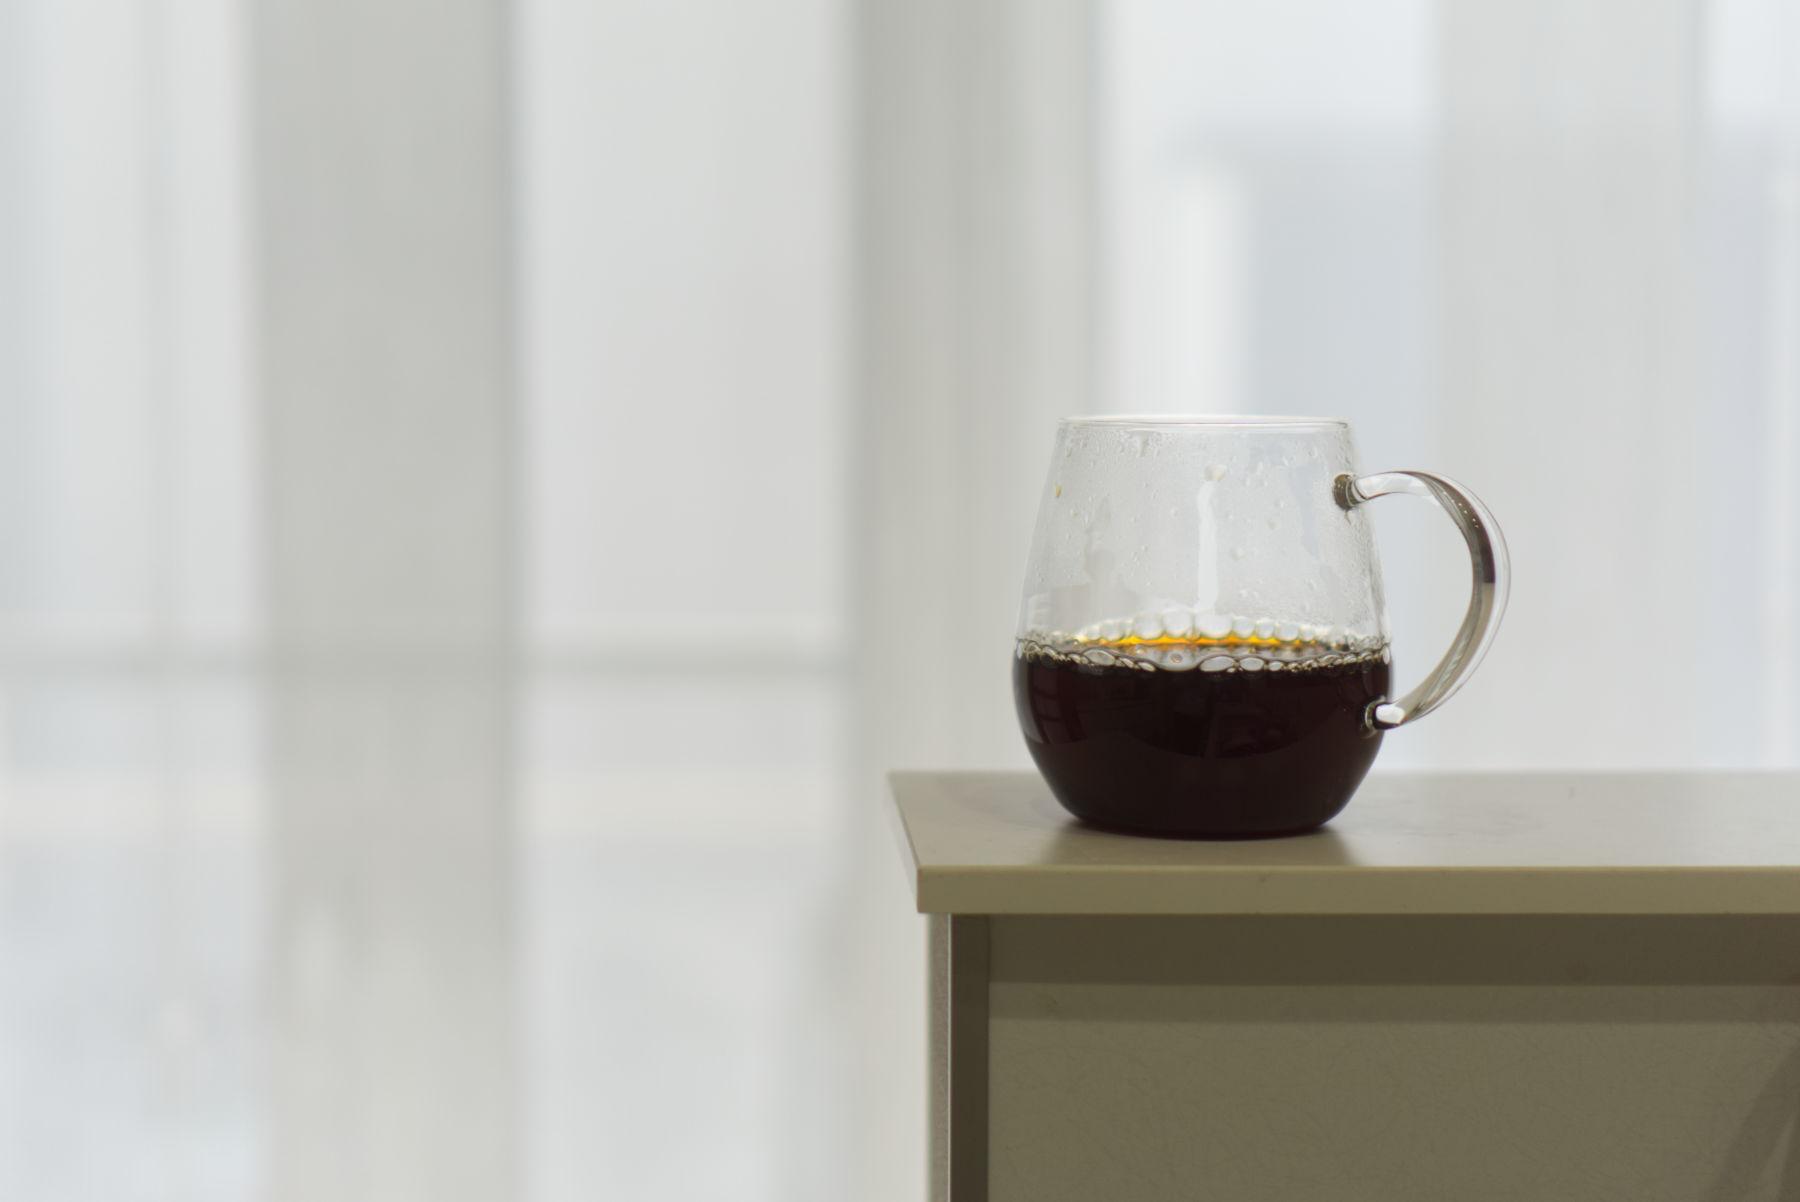 コーヒーの味わい、感想